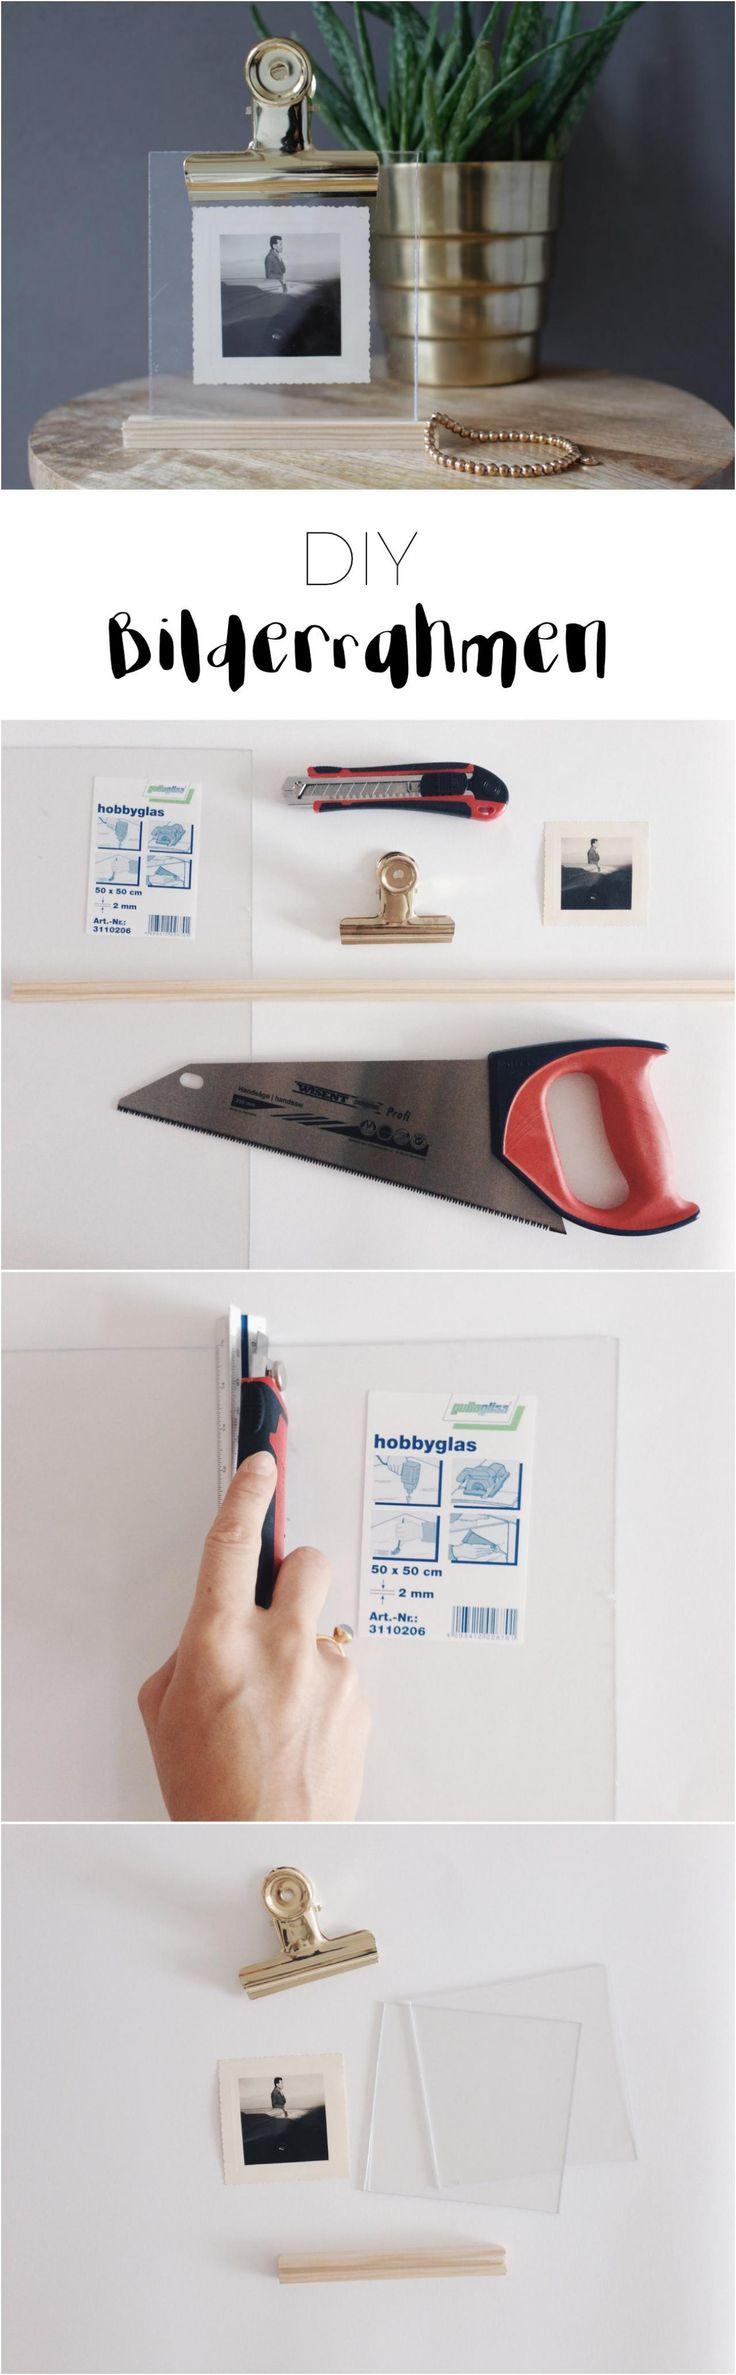 die besten 25 bilderrahmen selber machen ideen auf pinterest bilderrahmen machen. Black Bedroom Furniture Sets. Home Design Ideas